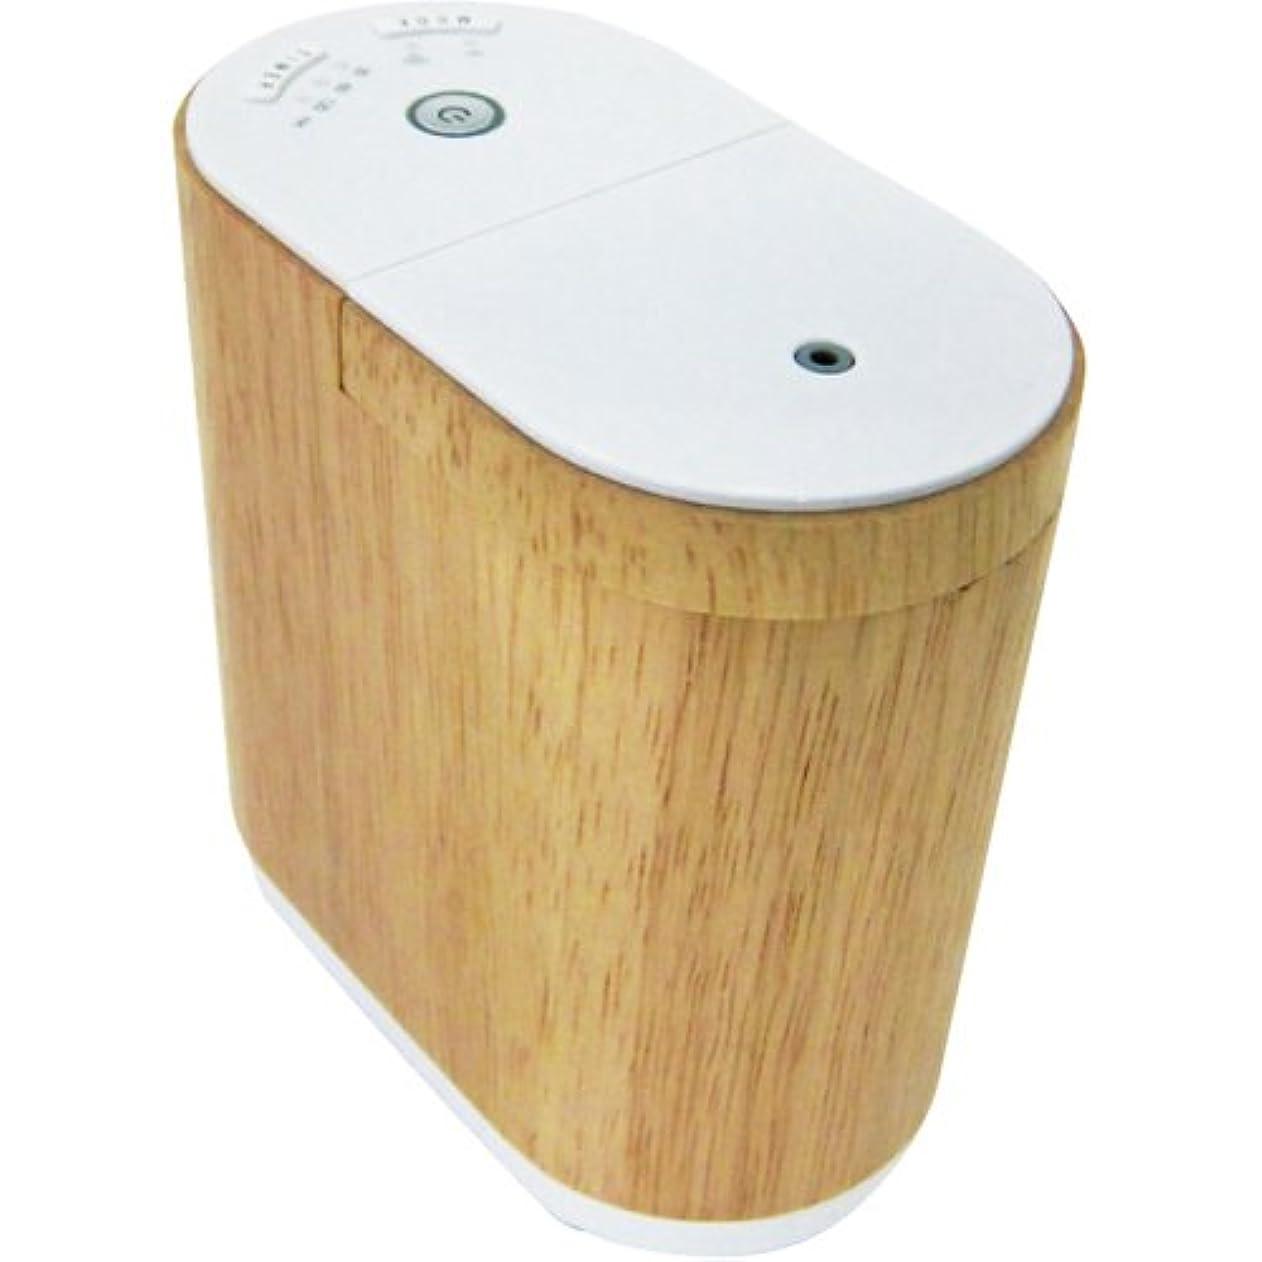 動機付ける生産的弾丸生活の木 アロマディフューザー(ウッド)エッセンシャルオイルディフューザー aromore(アロモア) 08-801-6010